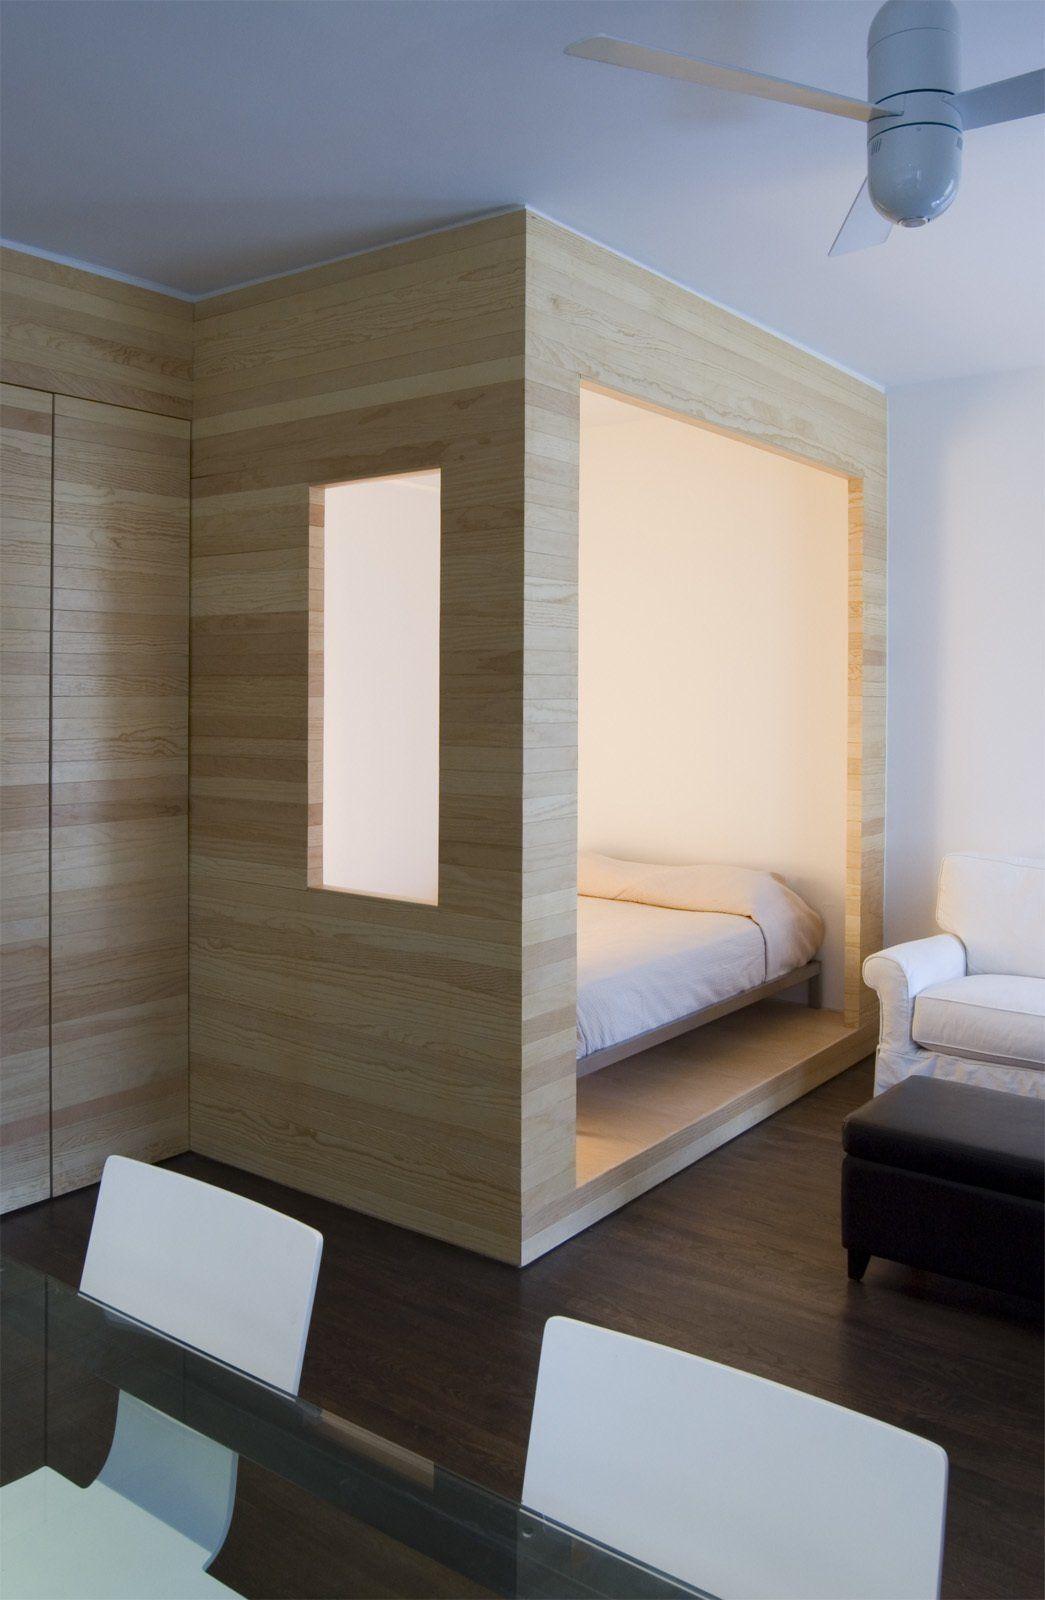 Кровать подиум деревянная